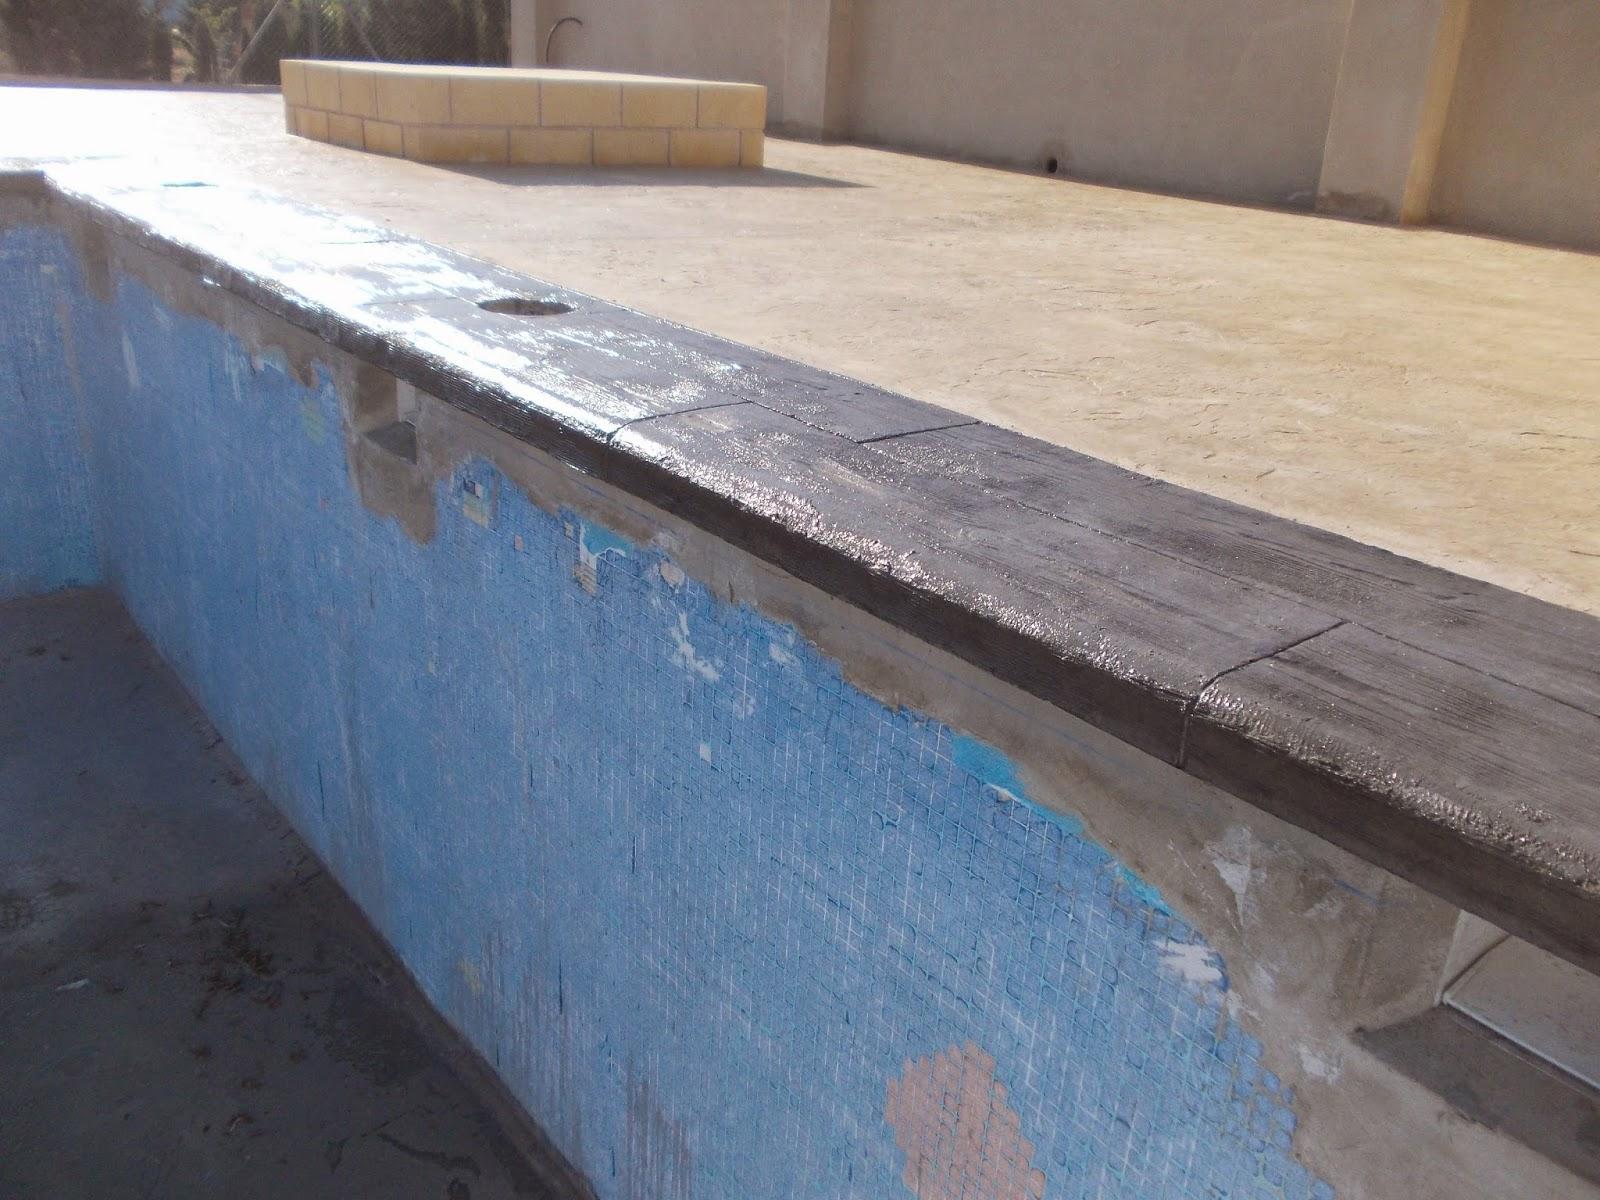 Piedra coronaci n de piscina con hormig n impreso for Coronacion de piscinas